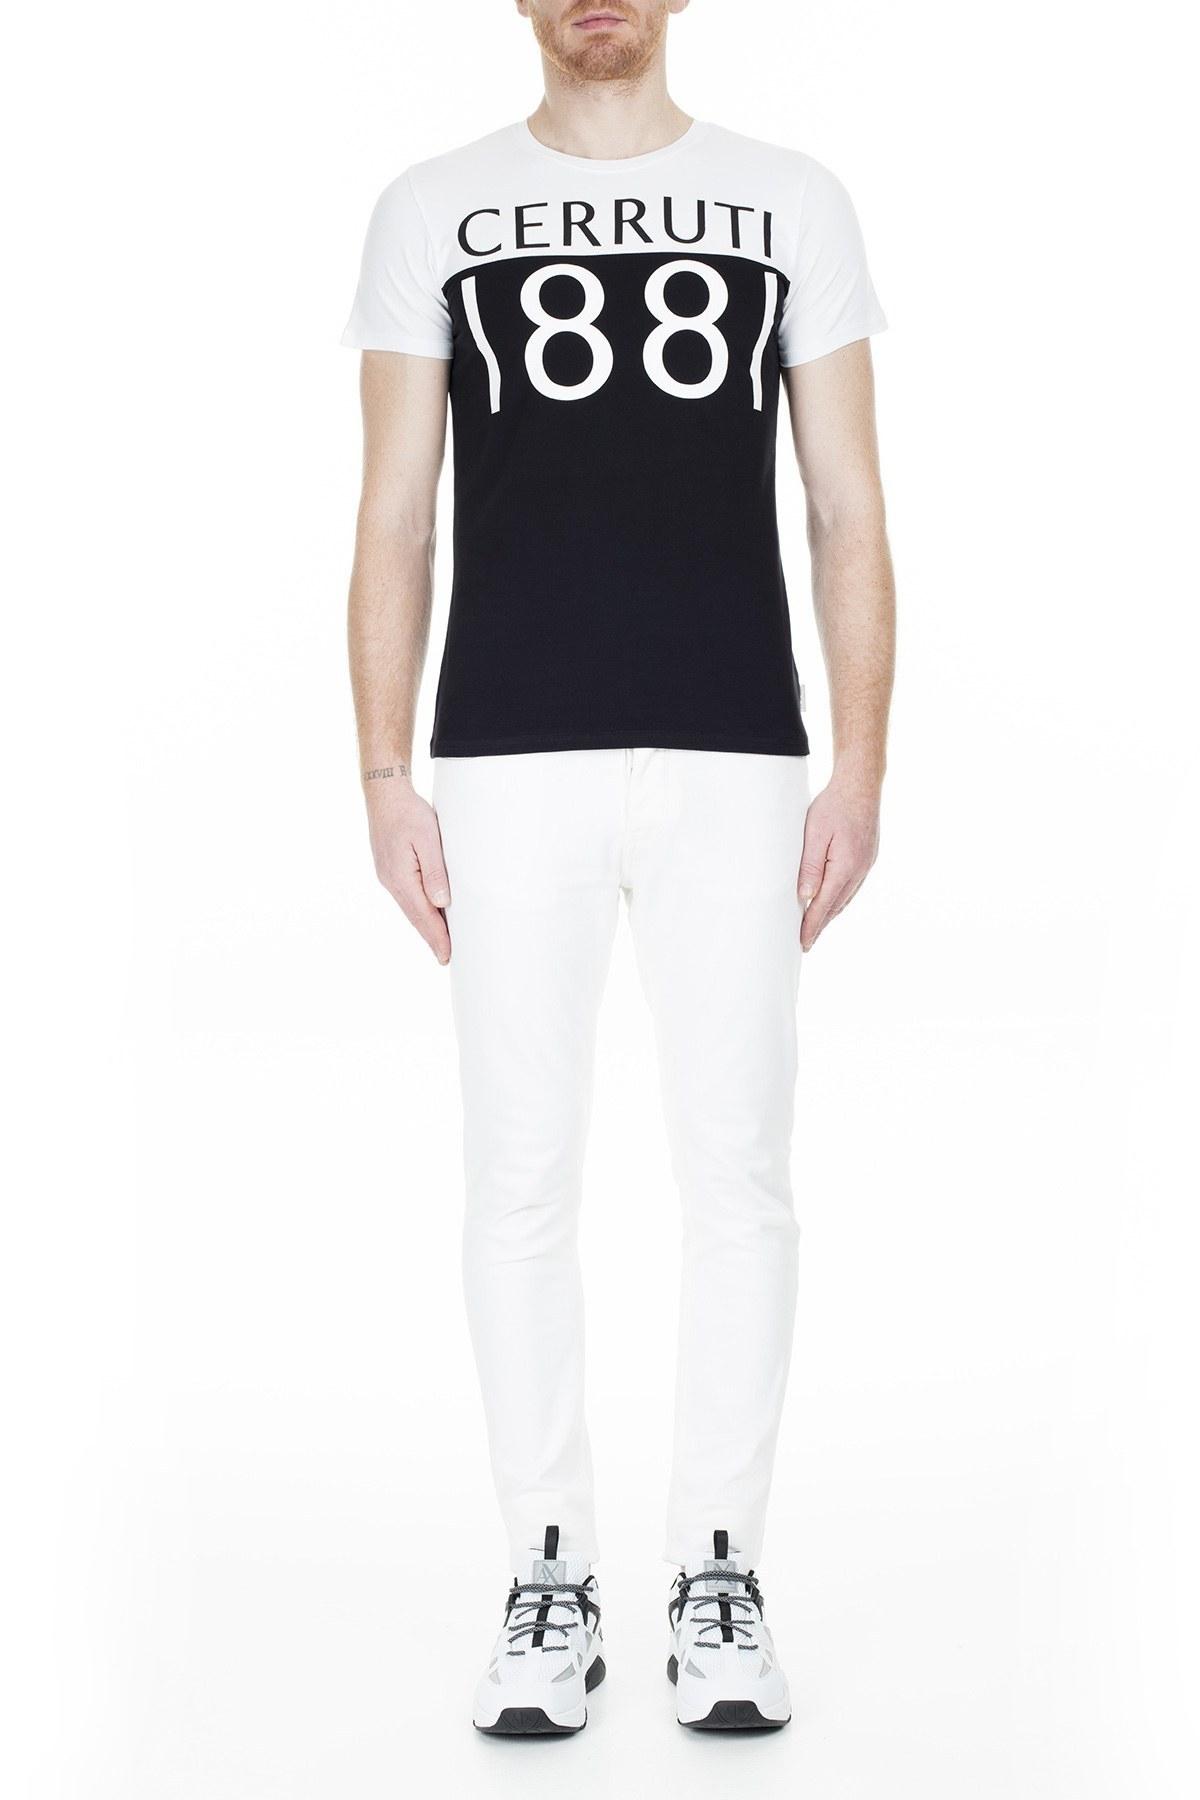 Cerruti 1881 Erkek T Shirt 203-001642 BEYAZ